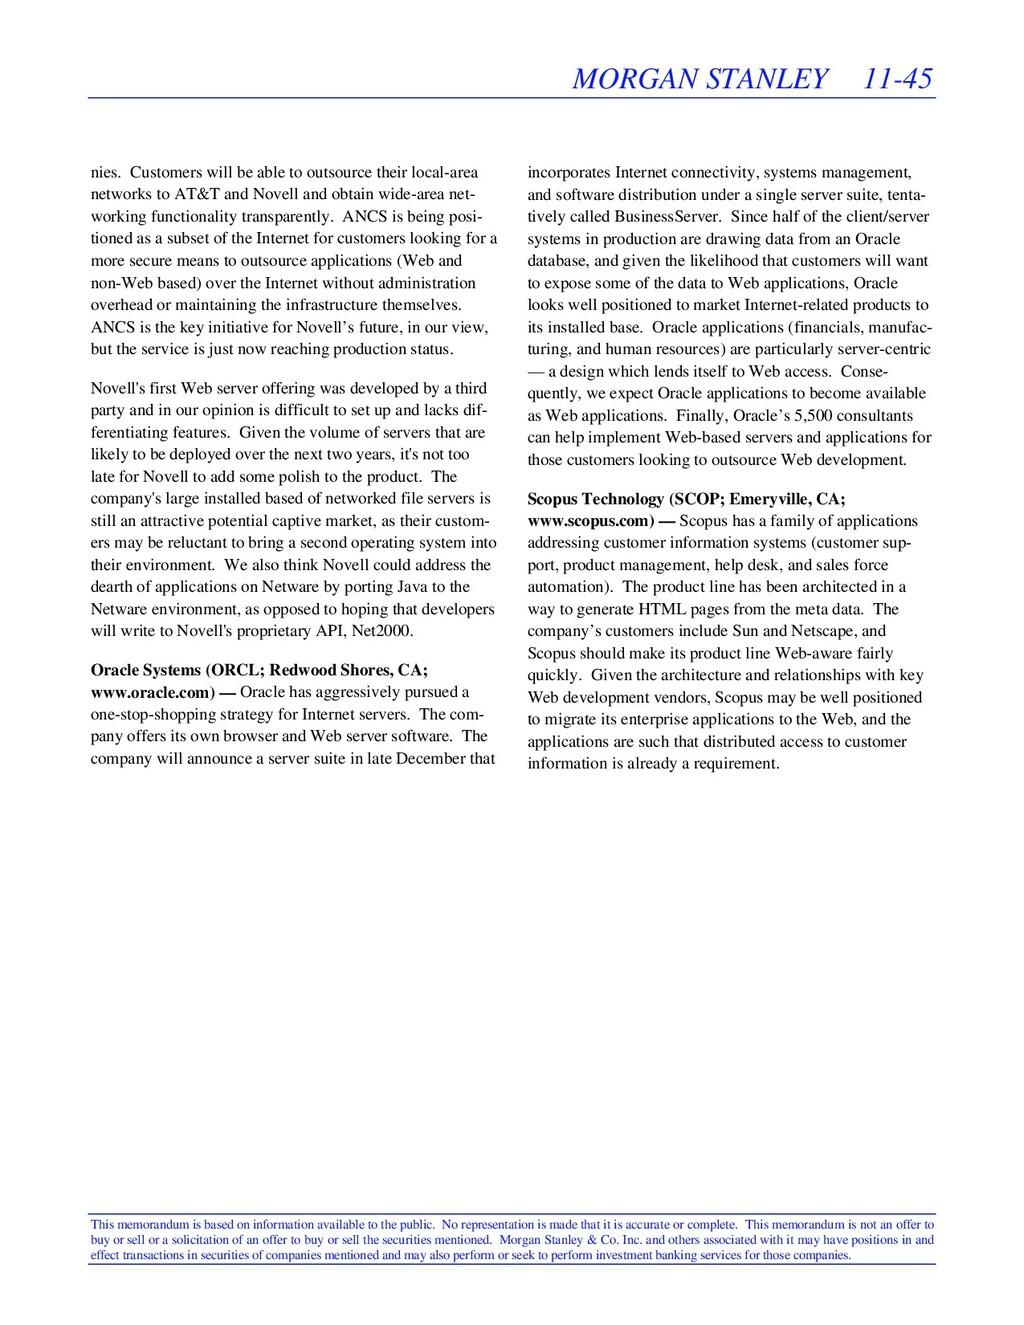 MORGAN STANLEY 11-45 This memorandum is based o...